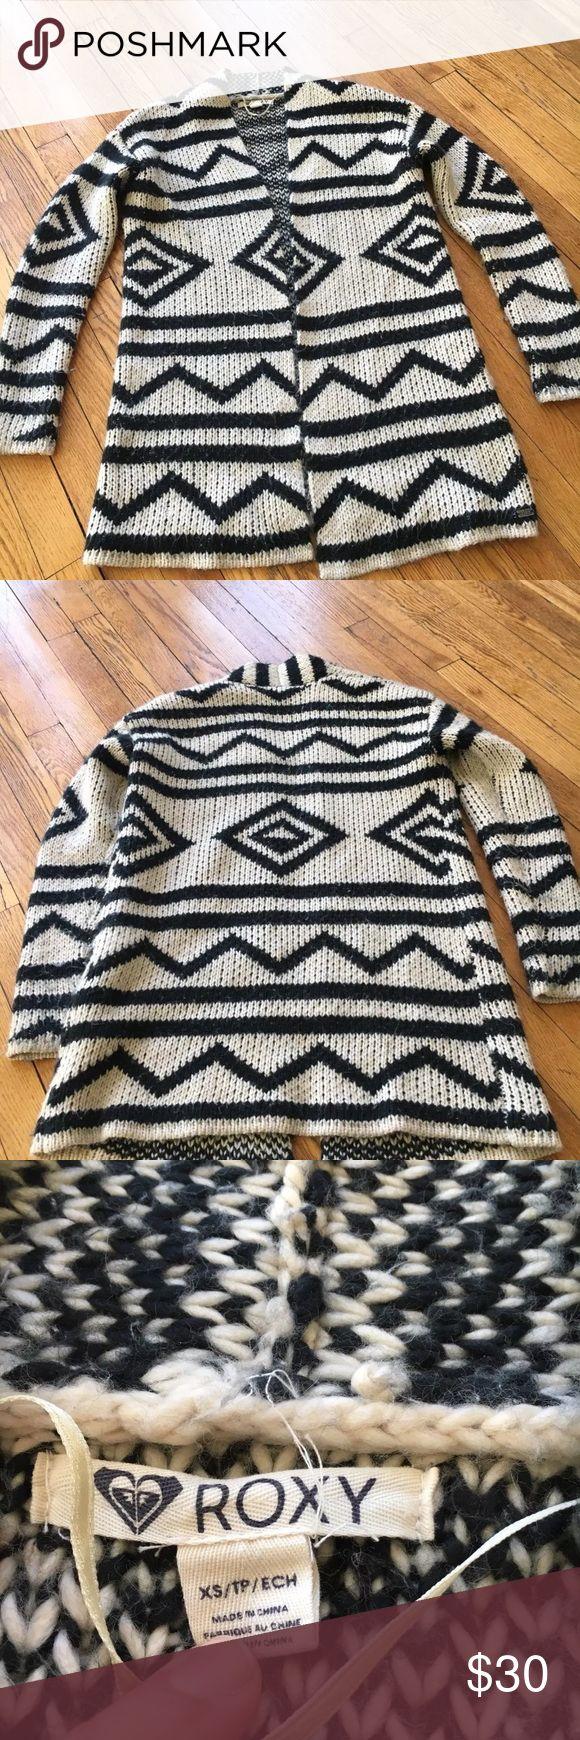 Cardigan/wrap Roxy cardigan geometric size xs Roxy Sweaters Cardigans